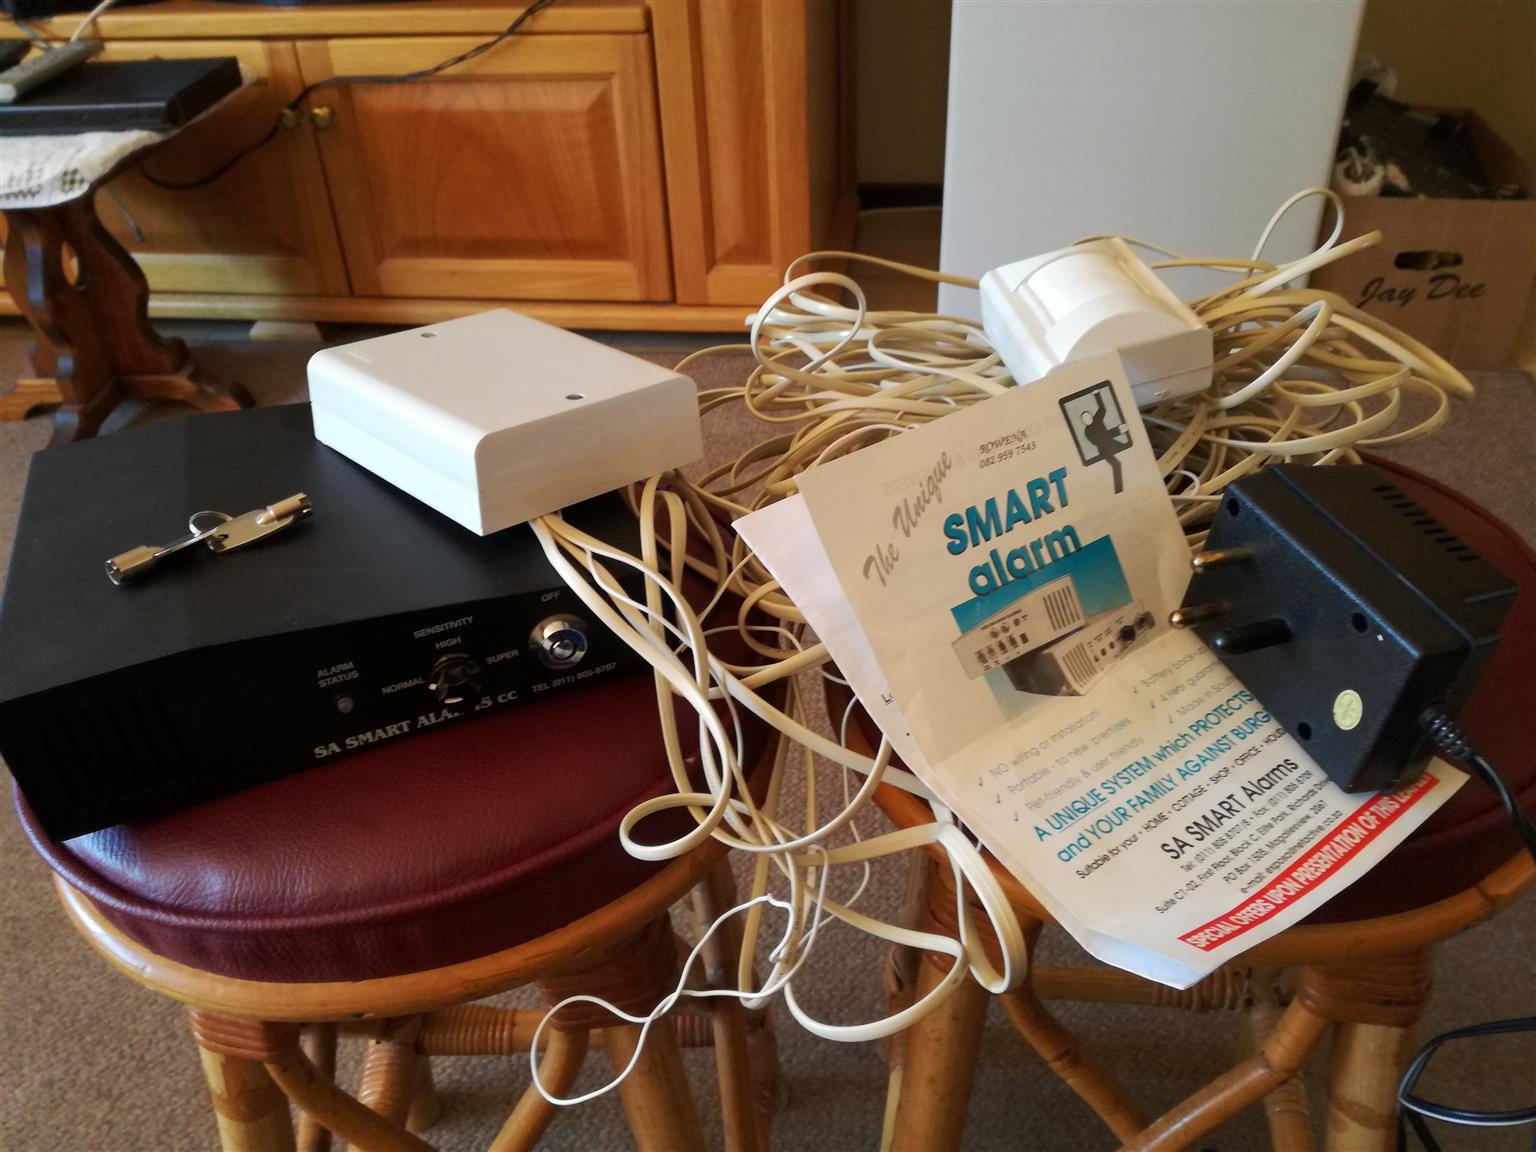 SMART alarm home system - Bargain